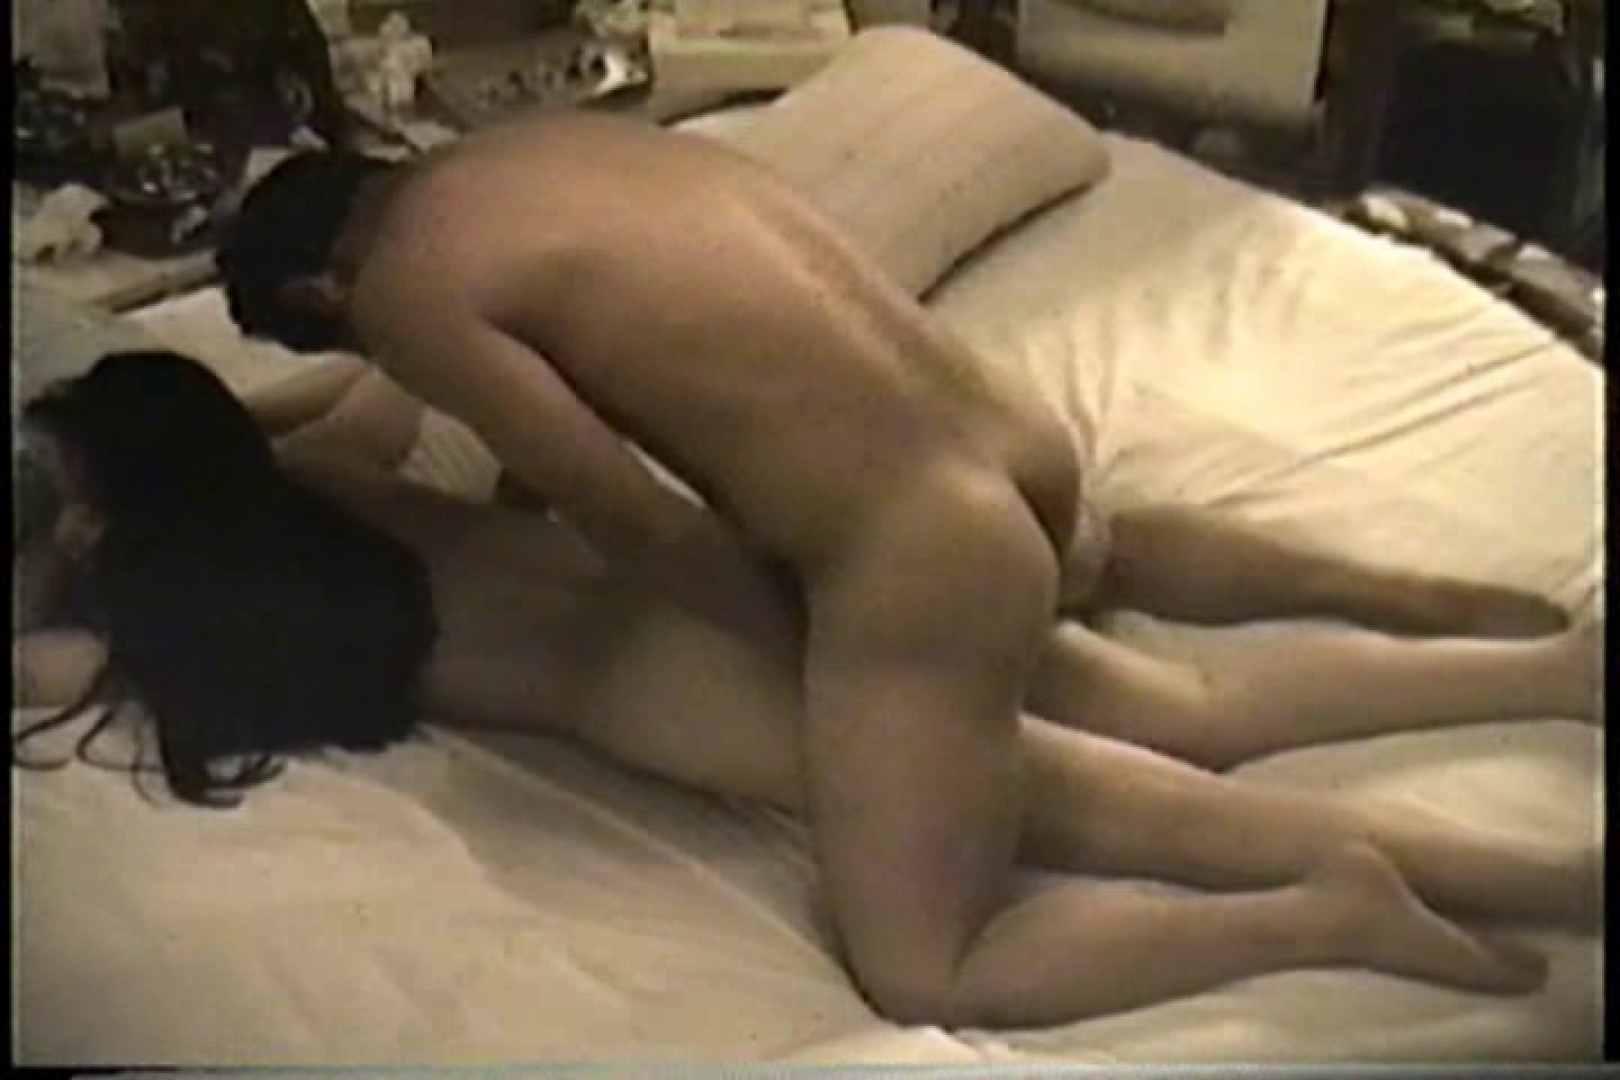 実録!ラブホテル~消し忘れ注意!昭和の色編~ vol.26 ホテル AV無料 27連発 3